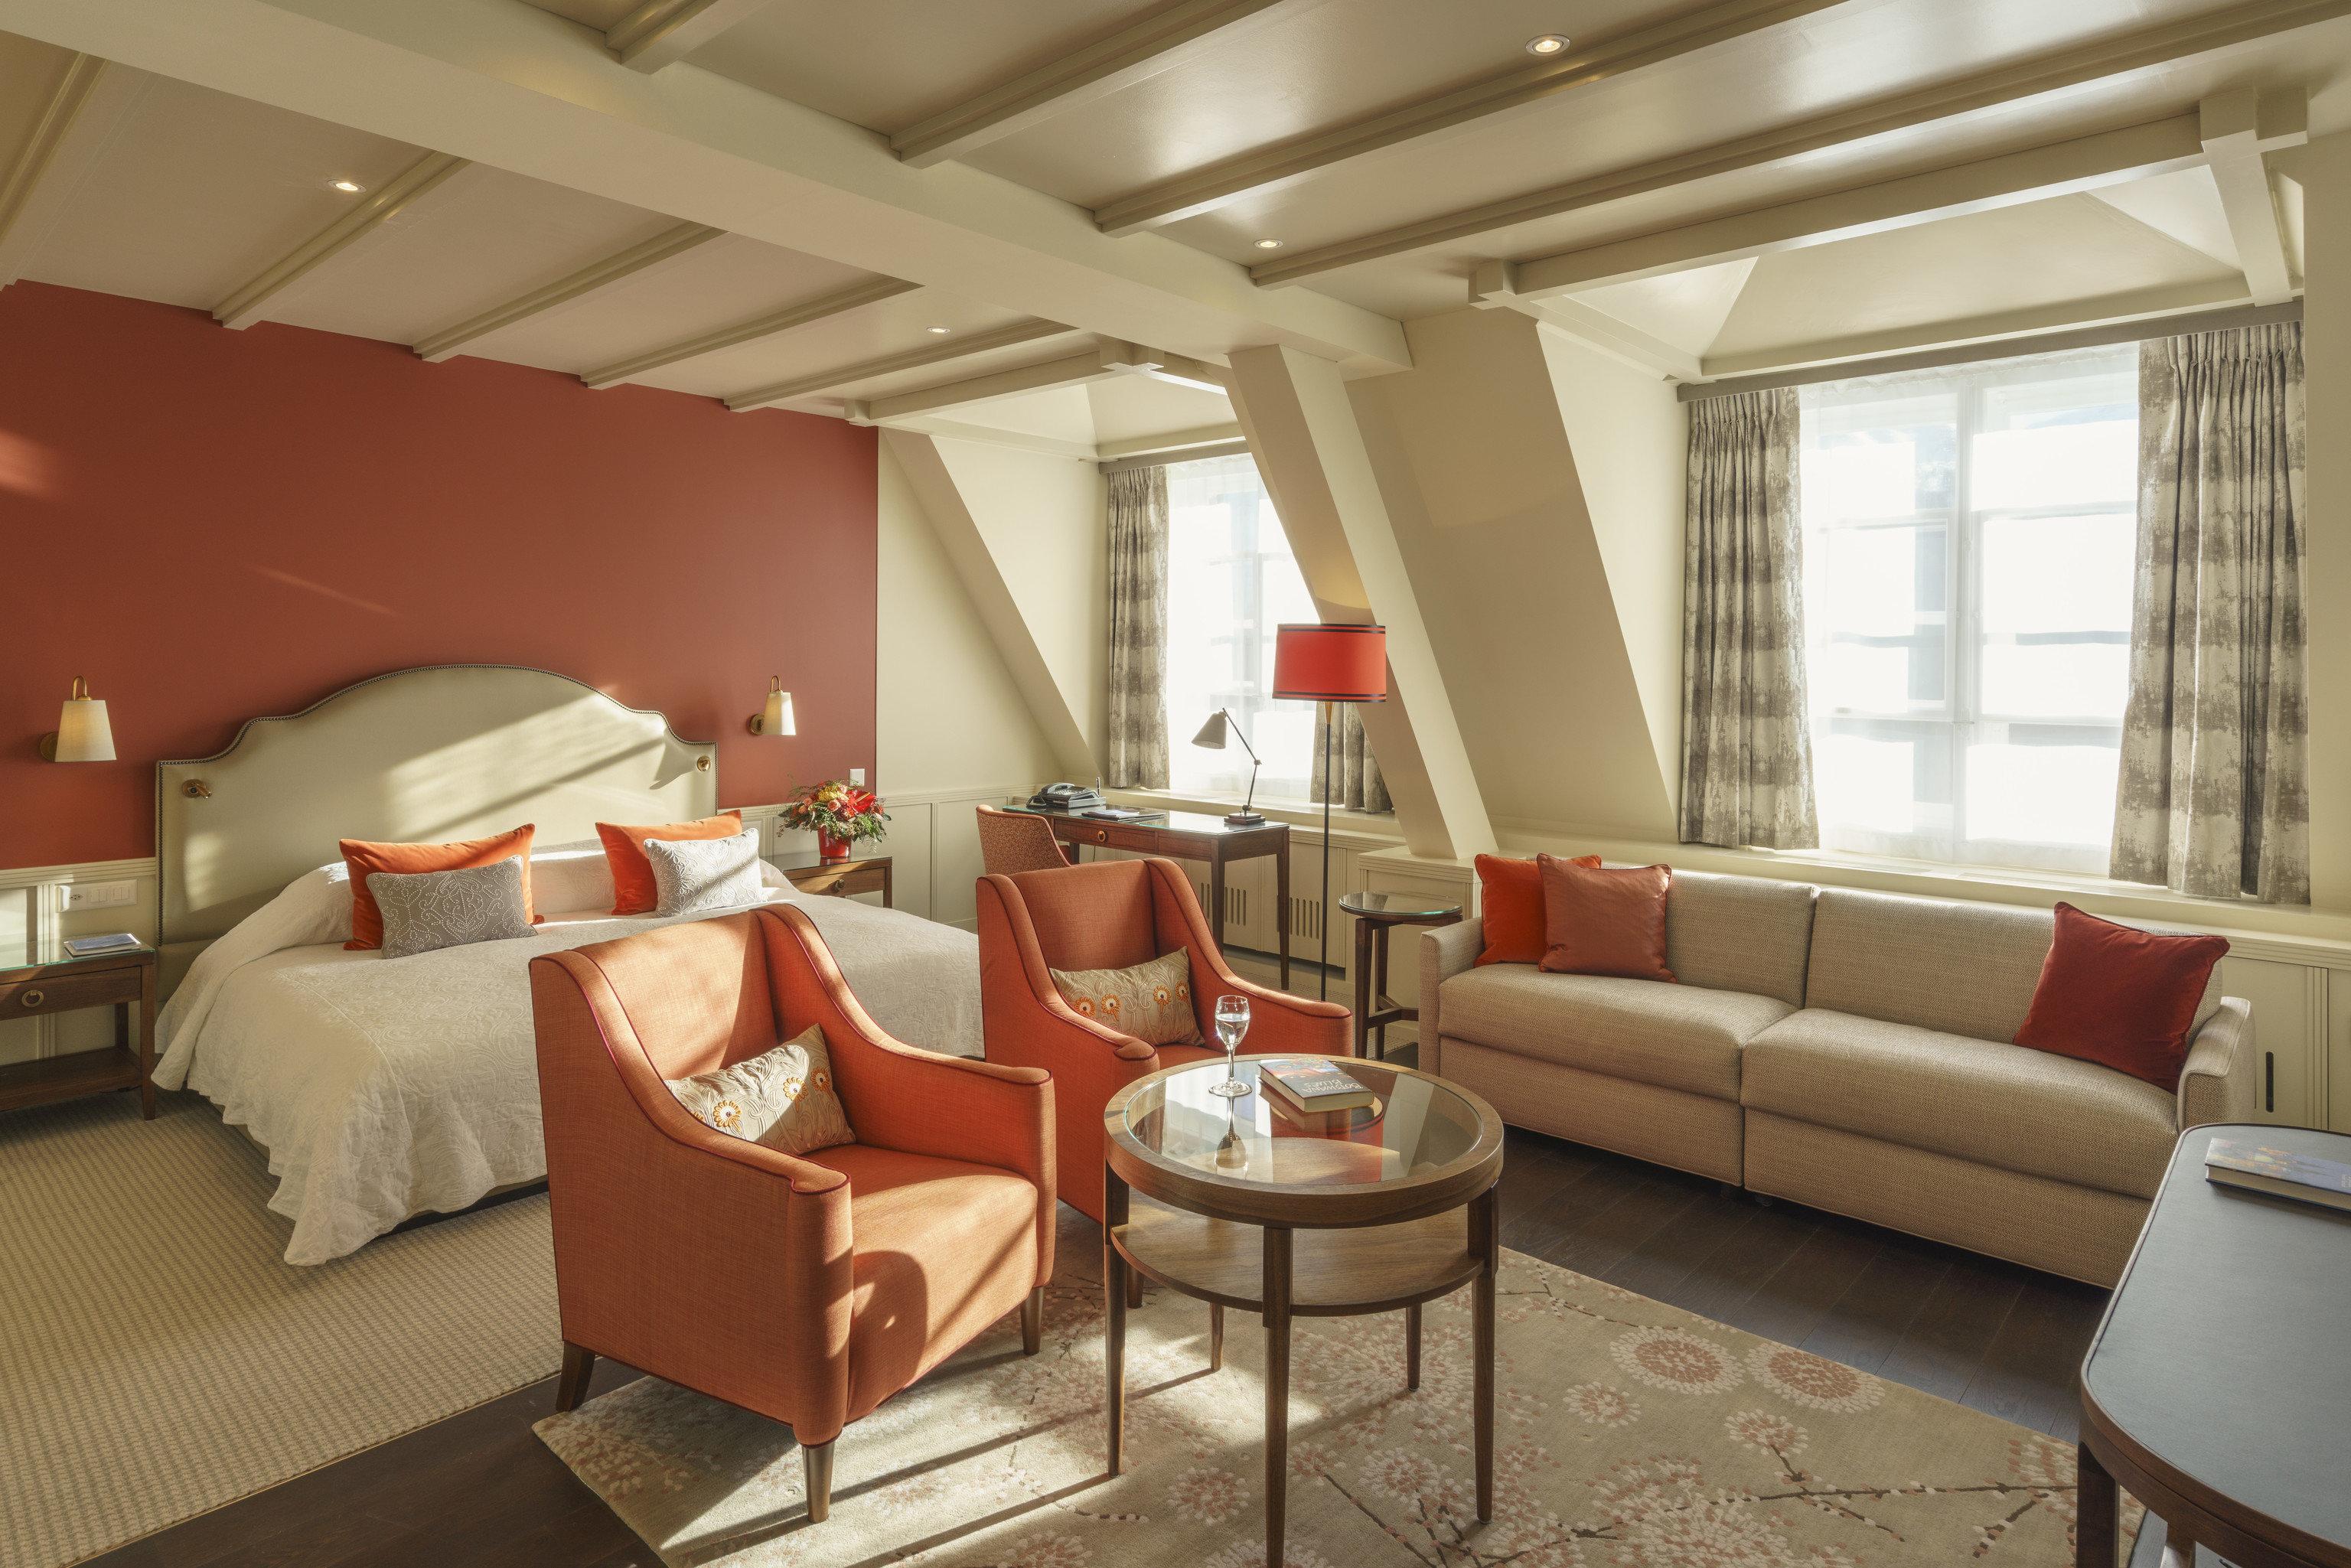 sofa chair living room Suite interior designer penthouse apartment loft